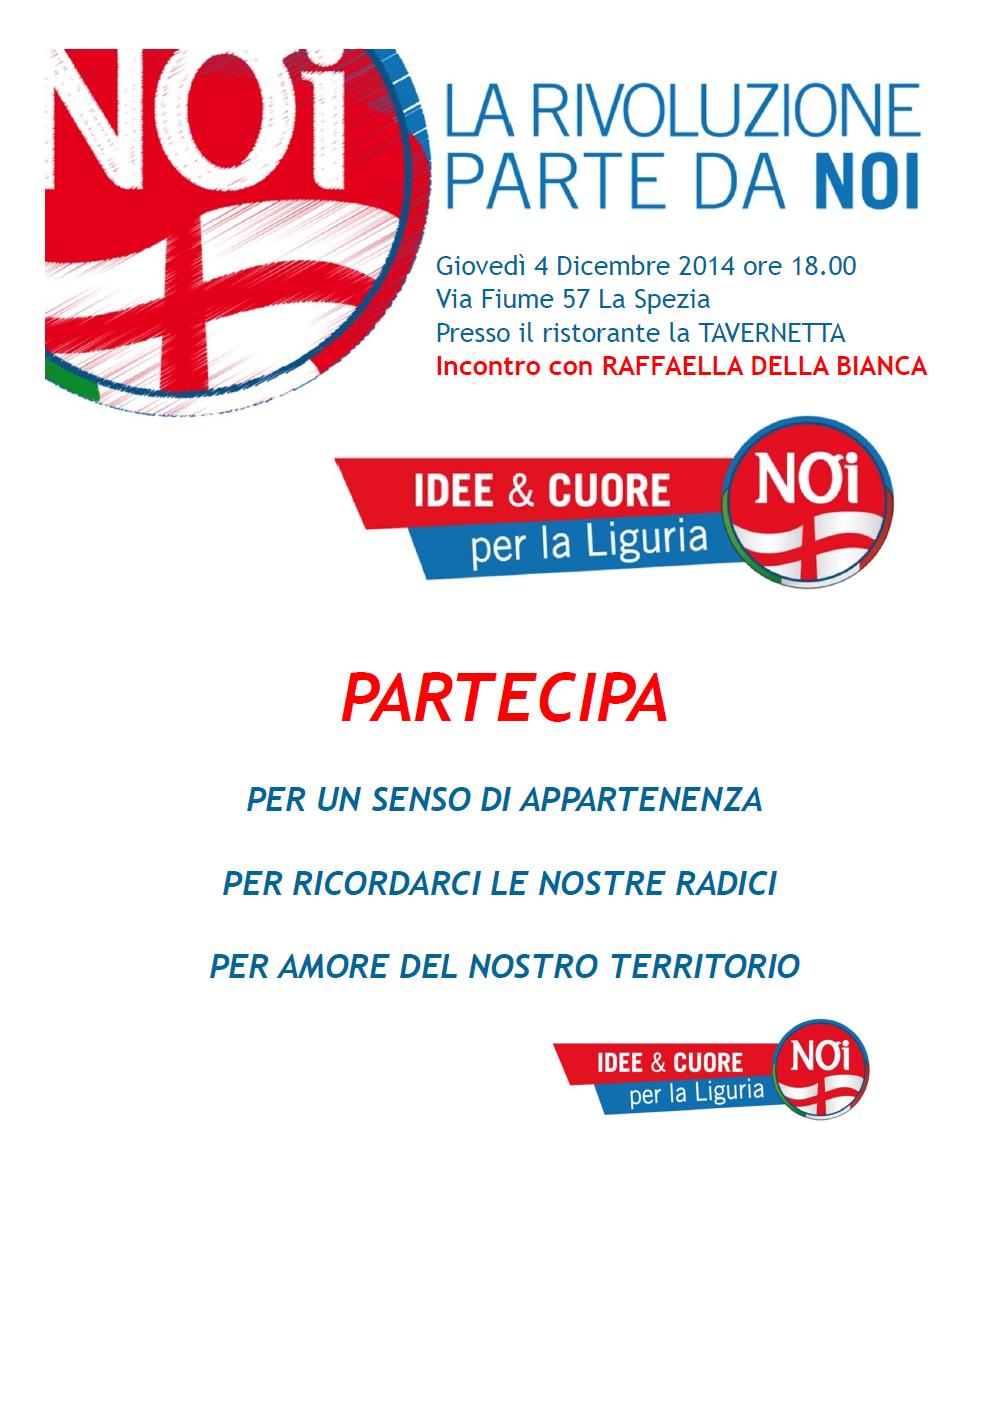 Comunicato stampa su incontro pubblico a La Spezia